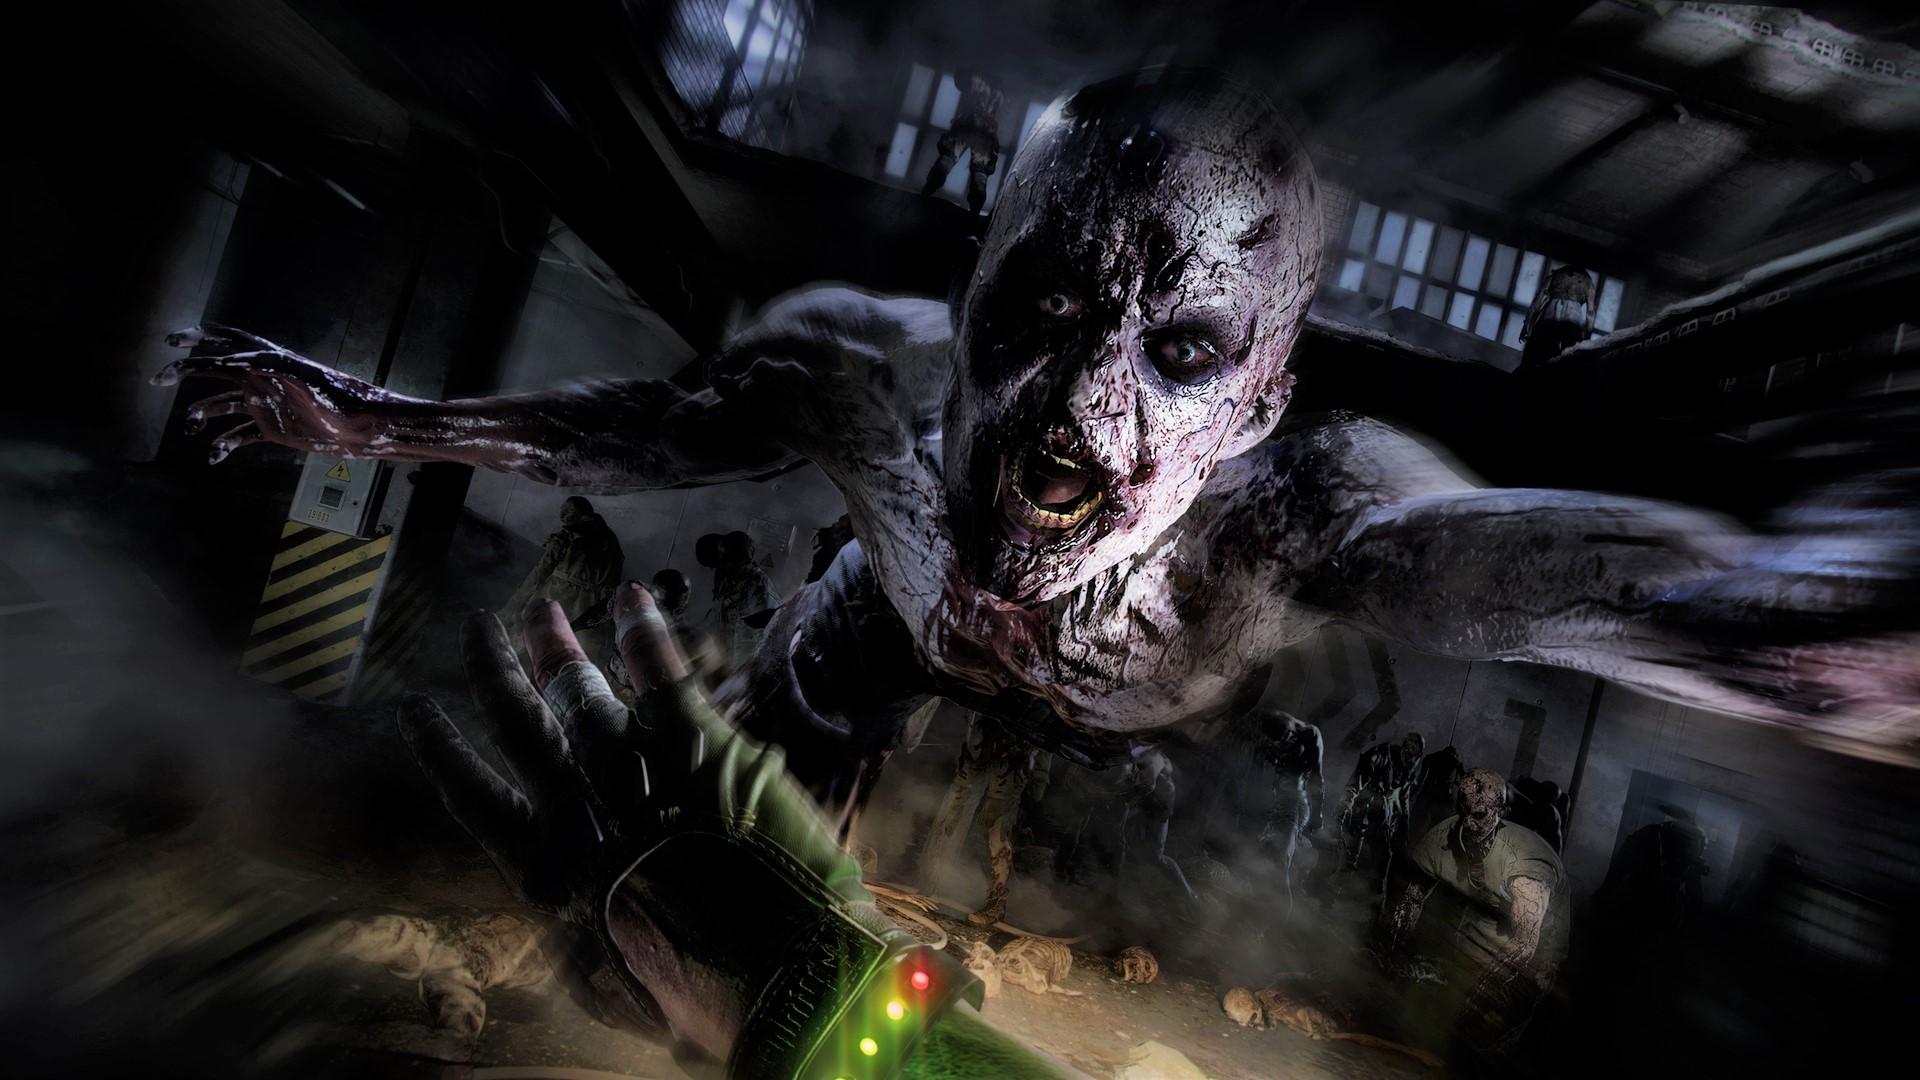 Dying Light 2 development update set for next week